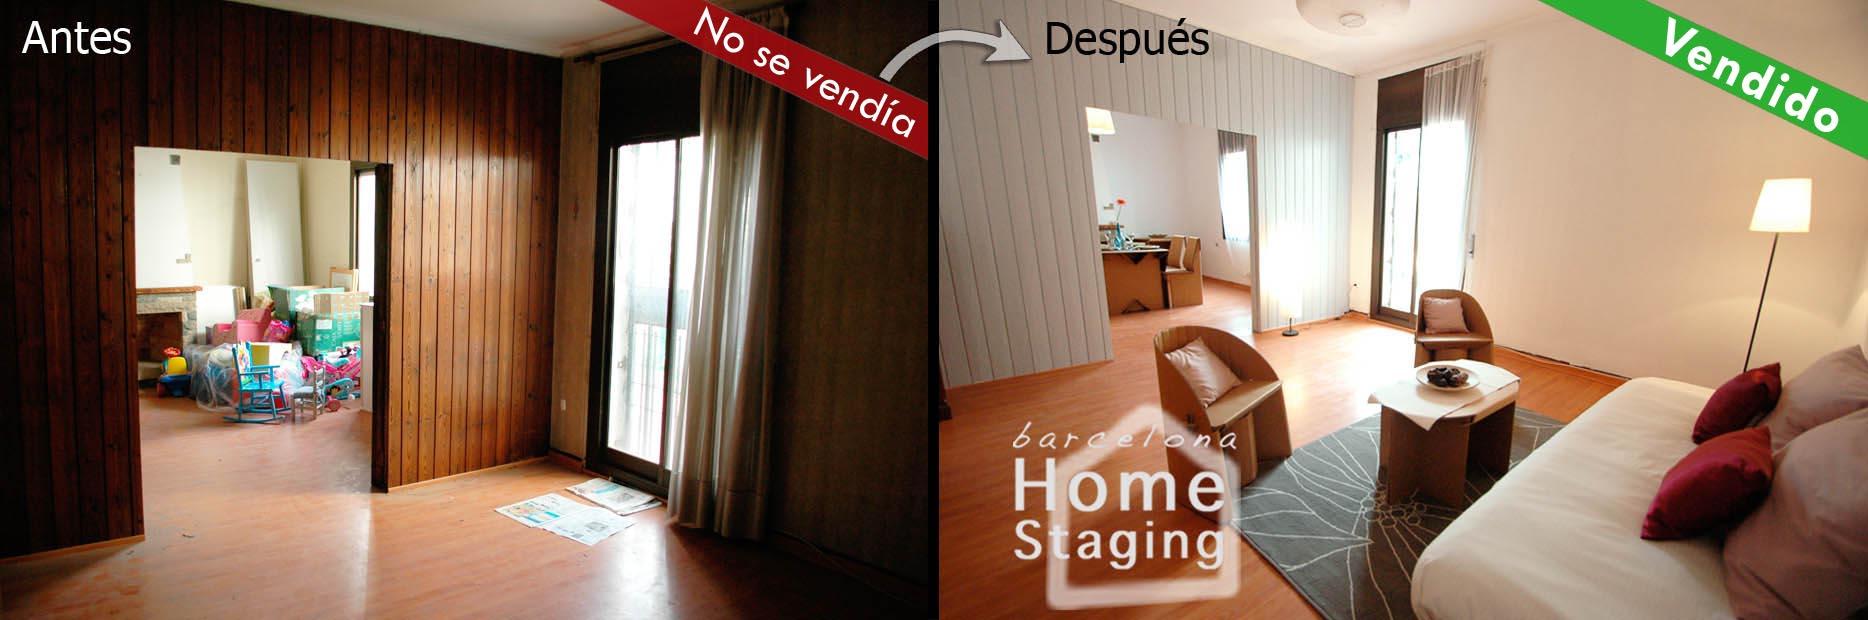 Home staging no es interiorismo las 3 diferencias - Home staging barcelona ...